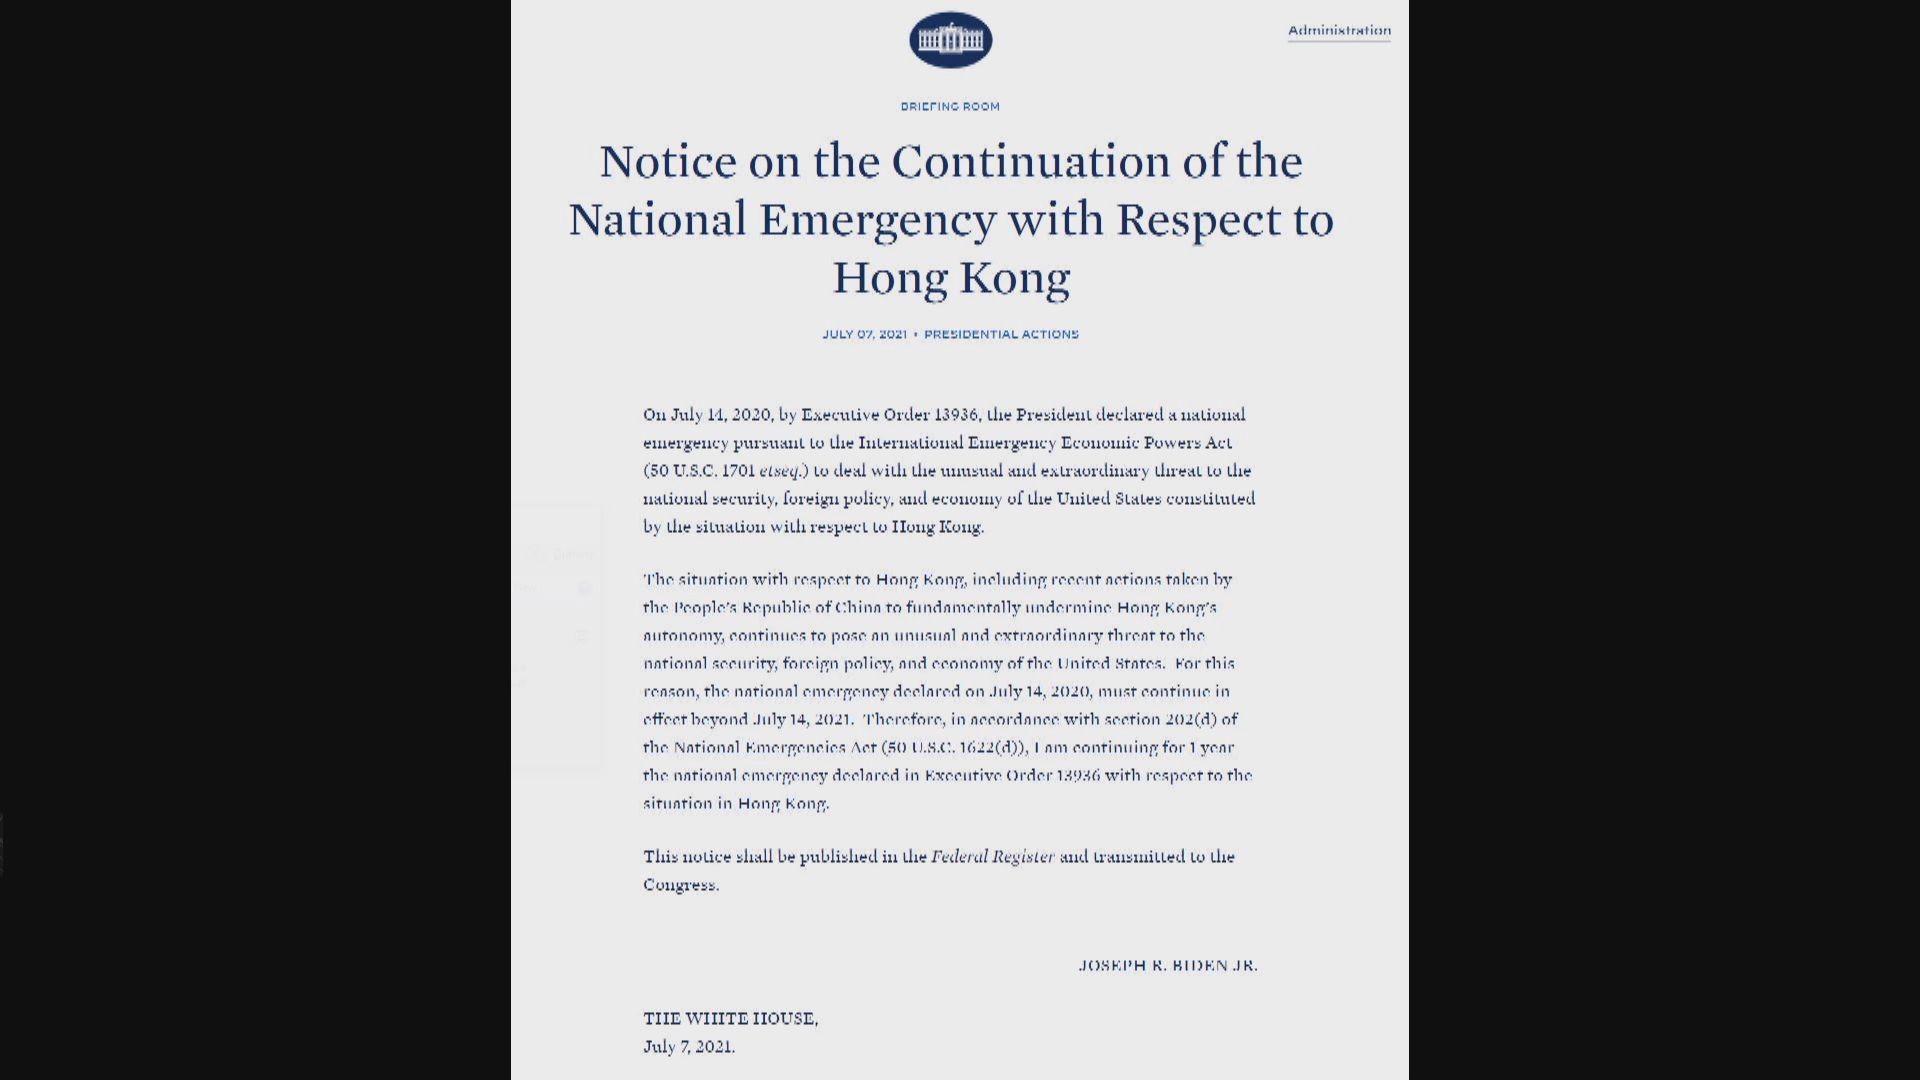 美國延長就本港局勢頒布的國家緊急狀態一年